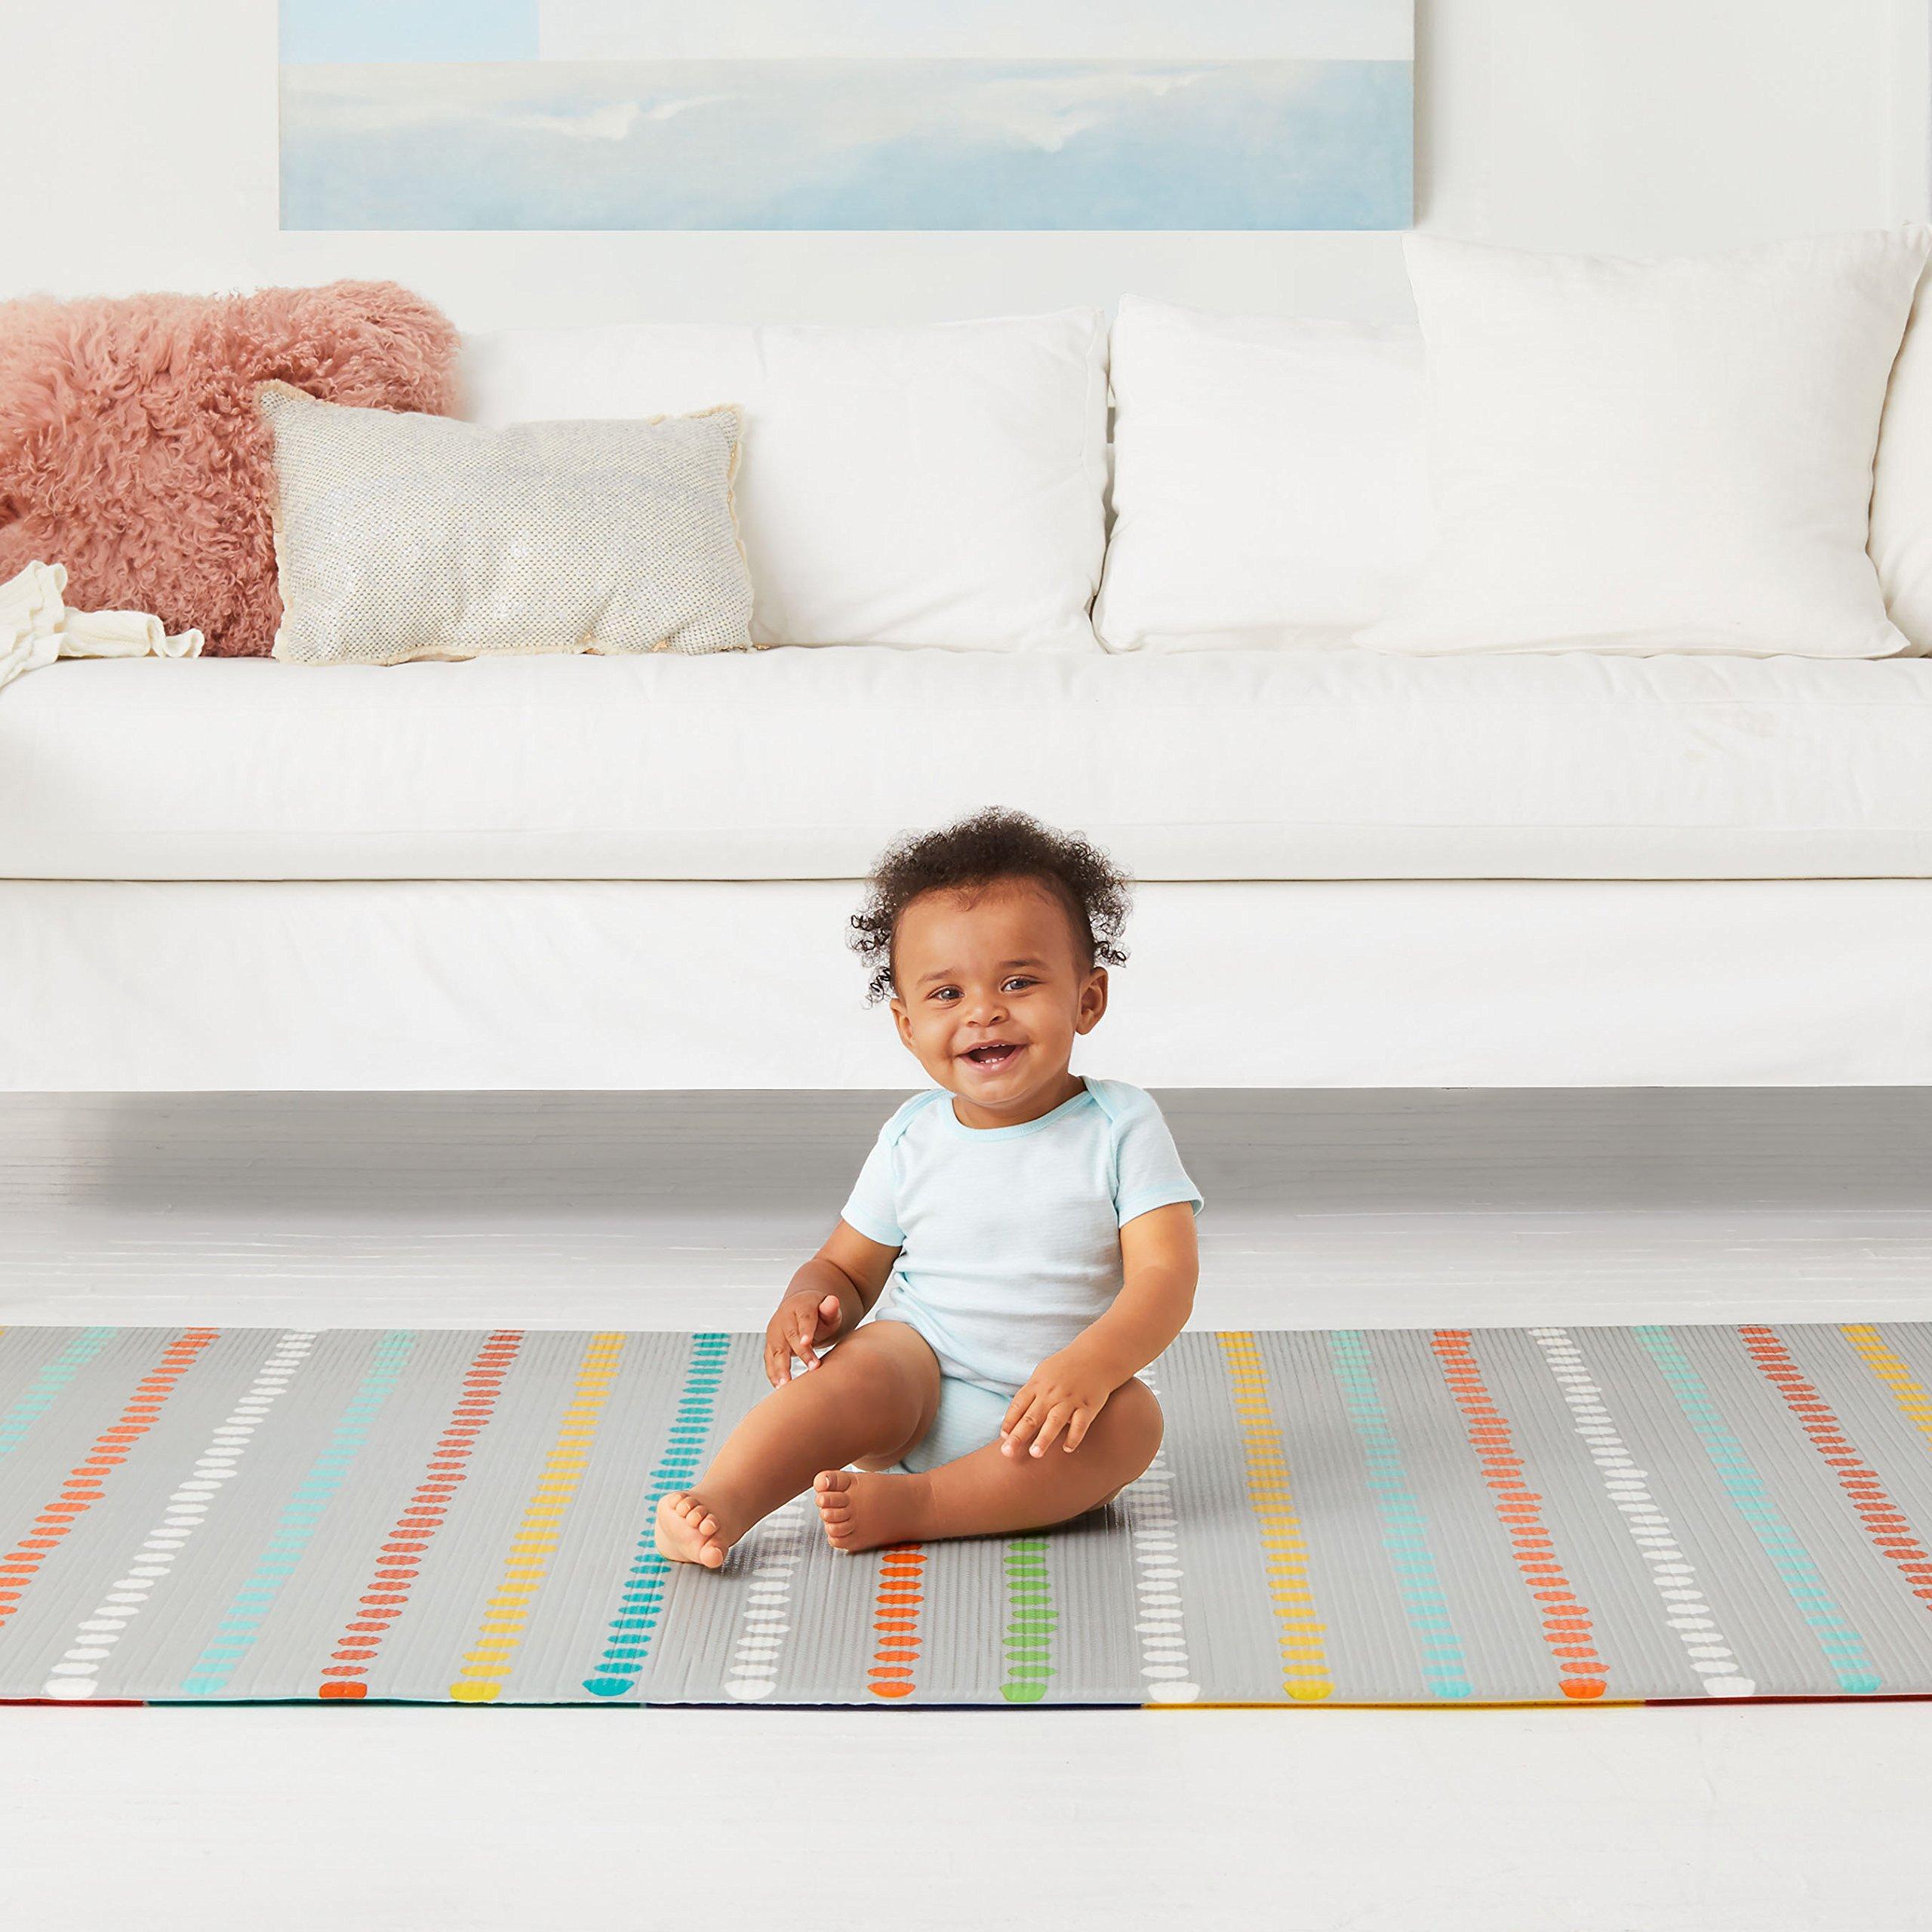 Skip Hop Zoo Reversible Waterproof Foam Baby Play Mat, Multi Colored, 86'' X 52'' by Skip Hop (Image #4)